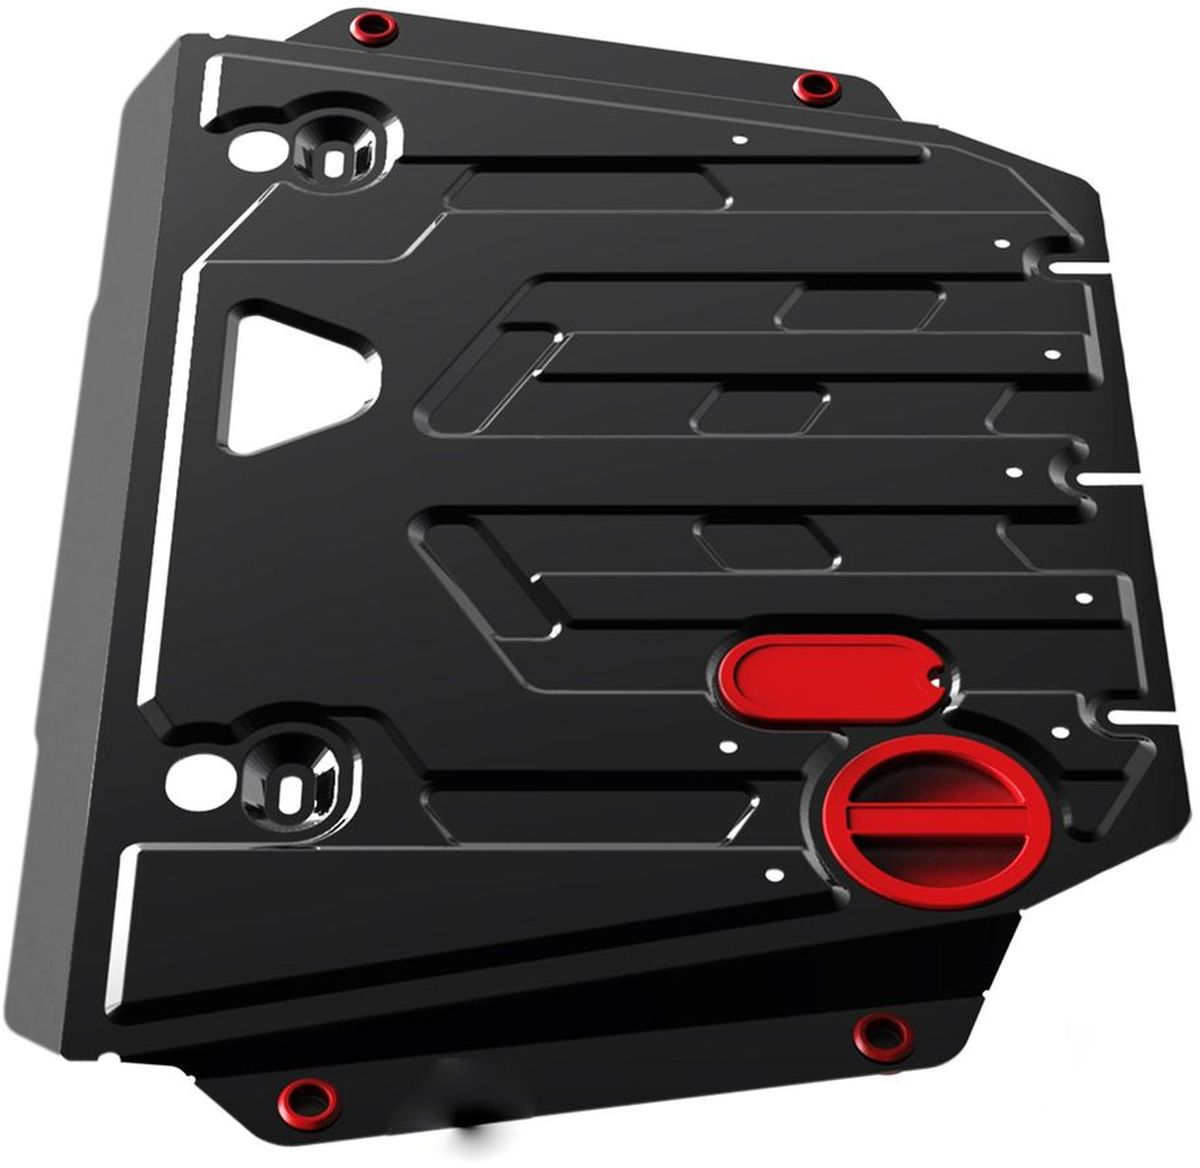 Защита картера и КПП Автоброня Honda Pilot 2012-, сталь 2 мм111.02127.1Защита картера и КПП Автоброня Honda Pilot, V - 3,5 2012-, сталь 2 мм, комплект крепежа, 111.02127.1Стальные защиты Автоброня надежно защищают ваш автомобиль от повреждений при наезде на бордюры, выступающие канализационные люки, кромки поврежденного асфальта или при ремонте дорог, не говоря уже о загородных дорогах.- Имеют оптимальное соотношение цена-качество.- Спроектированы с учетом особенностей автомобиля, что делает установку удобной.- Защита устанавливается в штатные места кузова автомобиля.- Является надежной защитой для важных элементов на протяжении долгих лет.- Глубокий штамп дополнительно усиливает конструкцию защиты.- Подштамповка в местах крепления защищает крепеж от срезания.- Технологические отверстия там, где они необходимы для смены масла и слива воды, оборудованные заглушками, закрепленными на защите.Толщина стали 2 мм.В комплекте крепеж и инструкция по установке.Уважаемые клиенты!Обращаем ваше внимание на тот факт, что защита имеет форму, соответствующую модели данного автомобиля. Наличие глубокого штампа и лючков для смены фильтров/масла предусмотрено не на всех защитах. Фото служит для визуального восприятия товара.